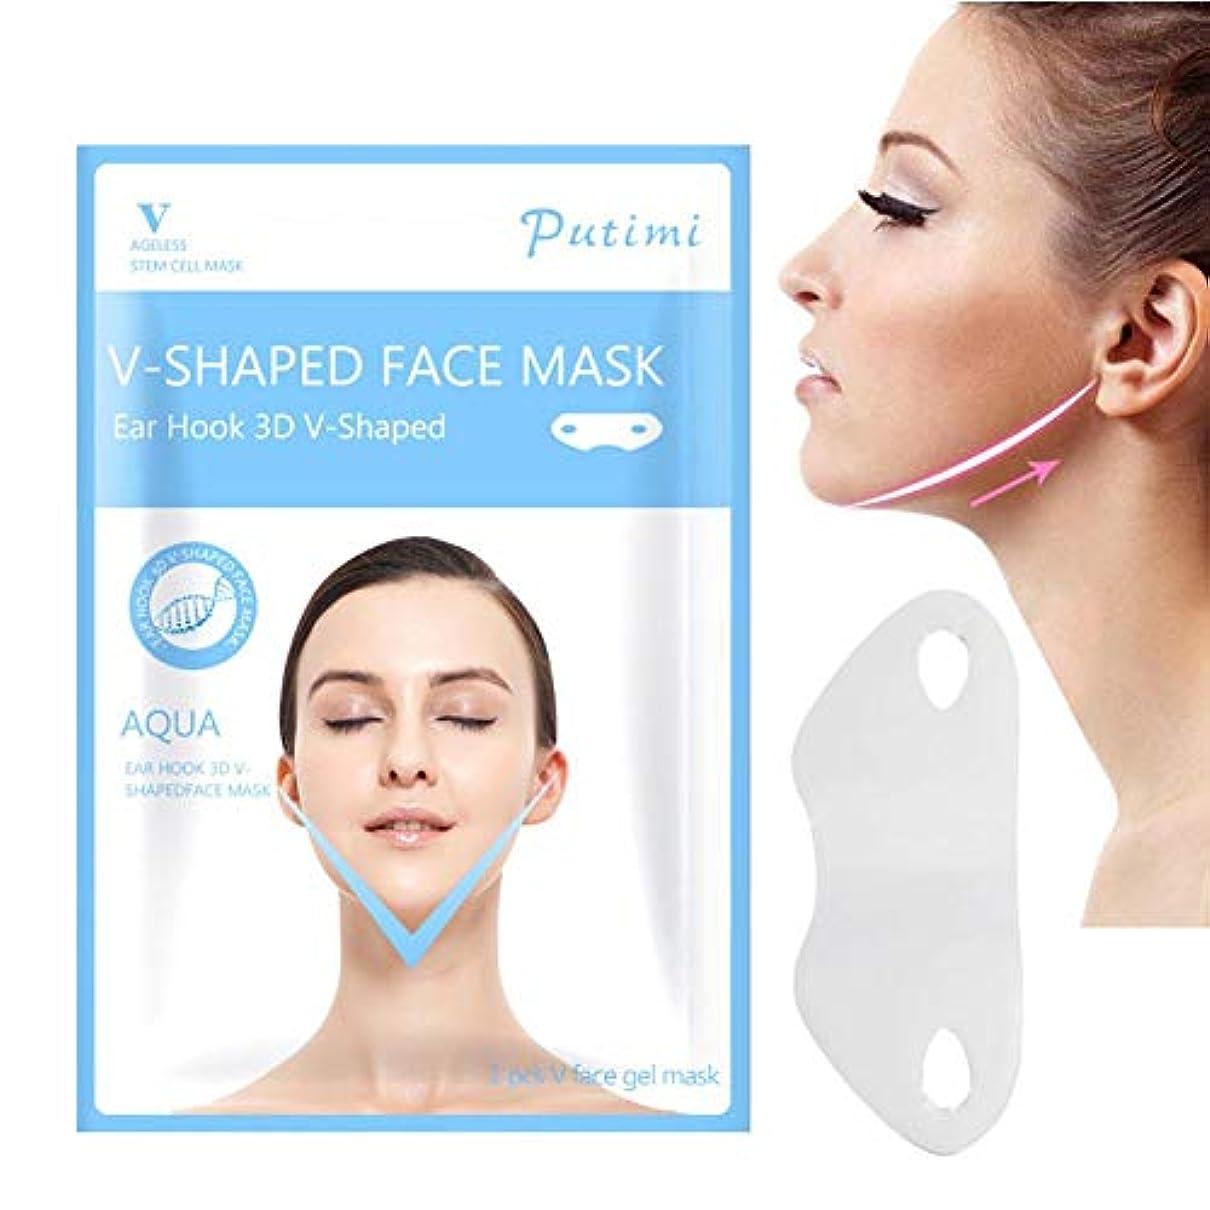 終了しましたベール銀SILUN 最新型 Vフェイシャルマスク フェイスマスク 小顔 マスク フェイスラインベルト 美顔 顔痩せ 保湿 血行を促進する 睡眠マスク